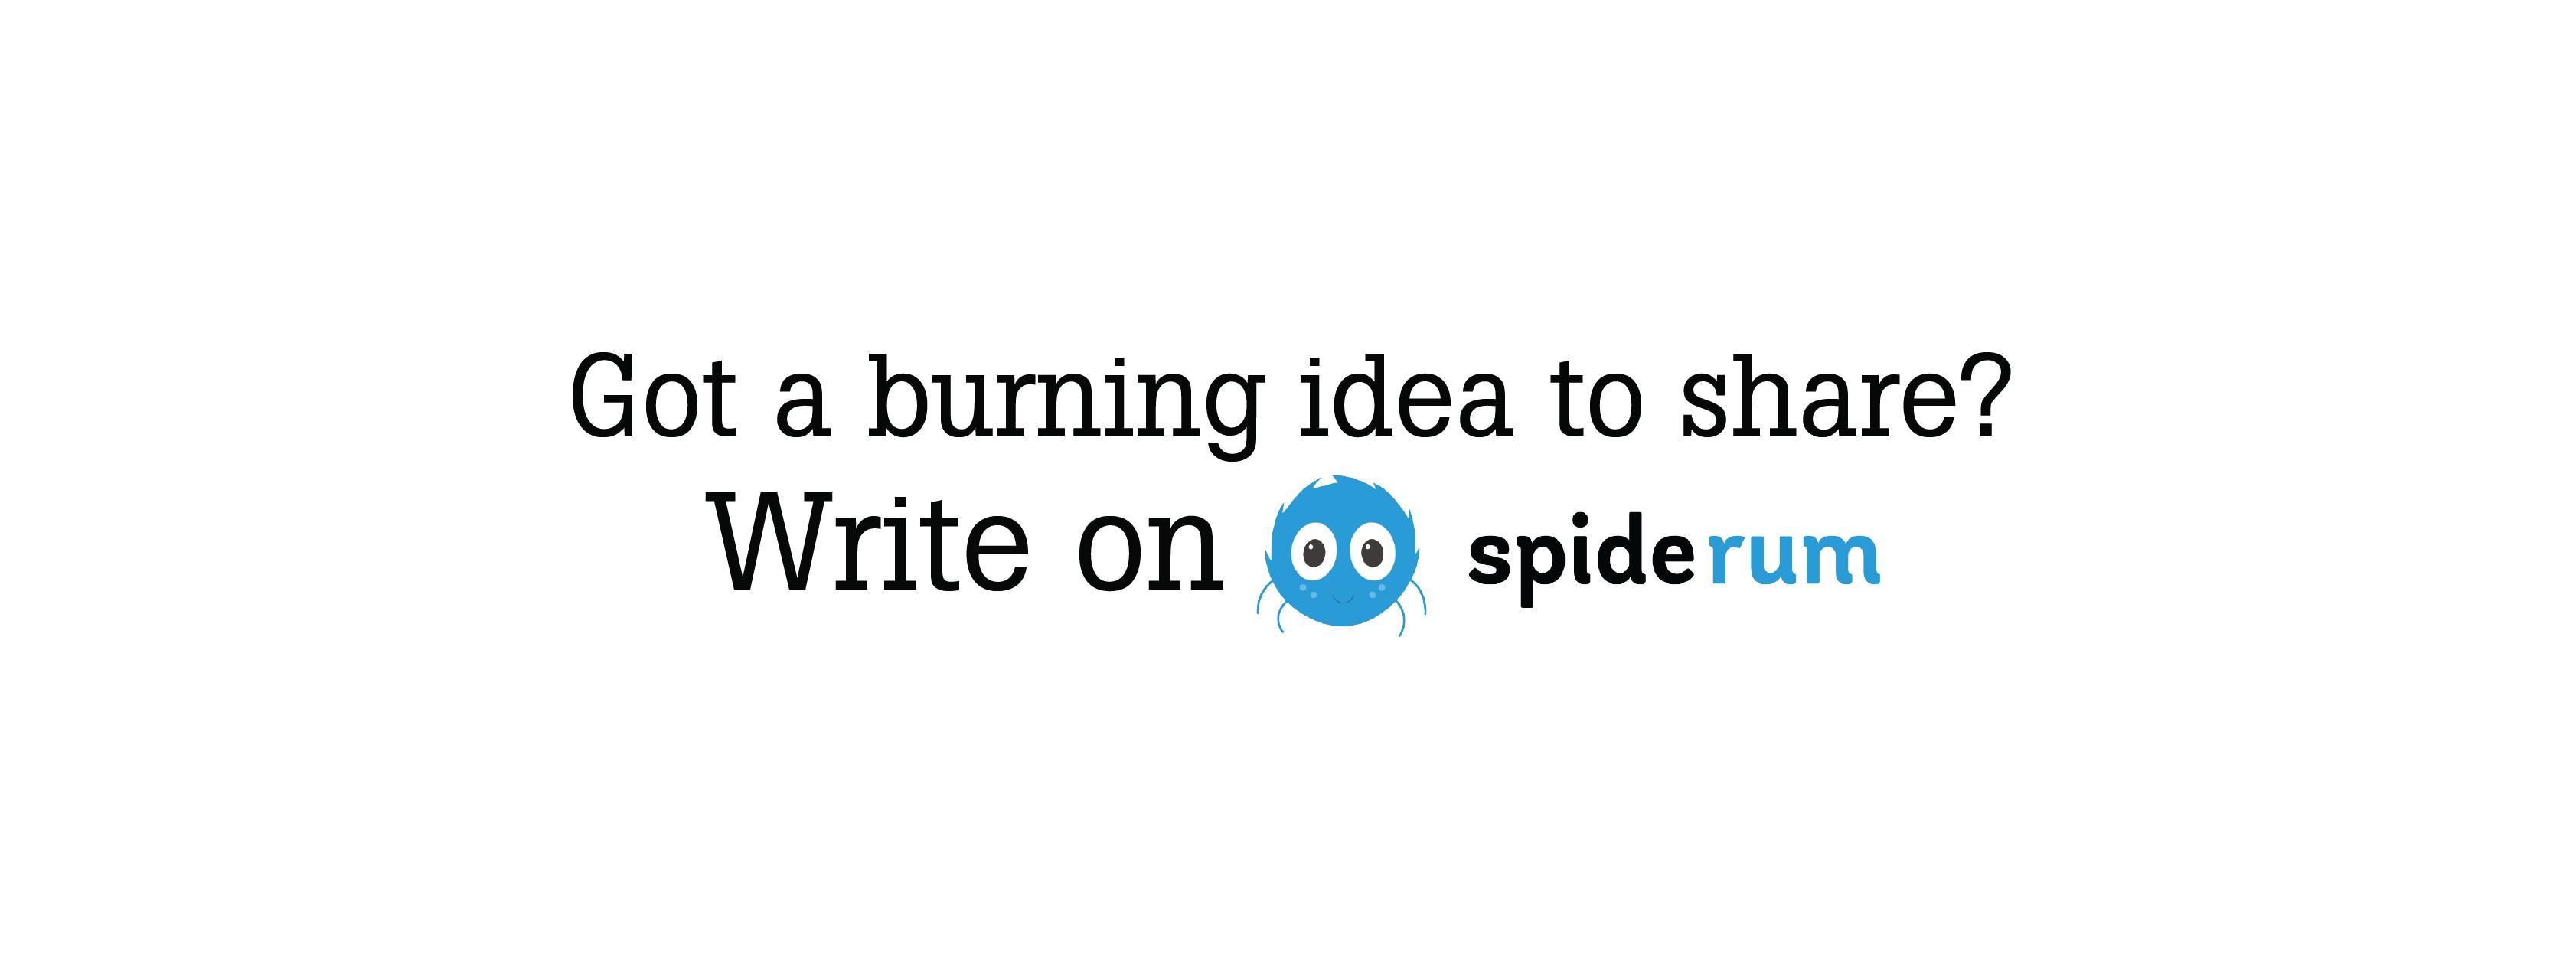 Kết quả hình ảnh cho spiderum